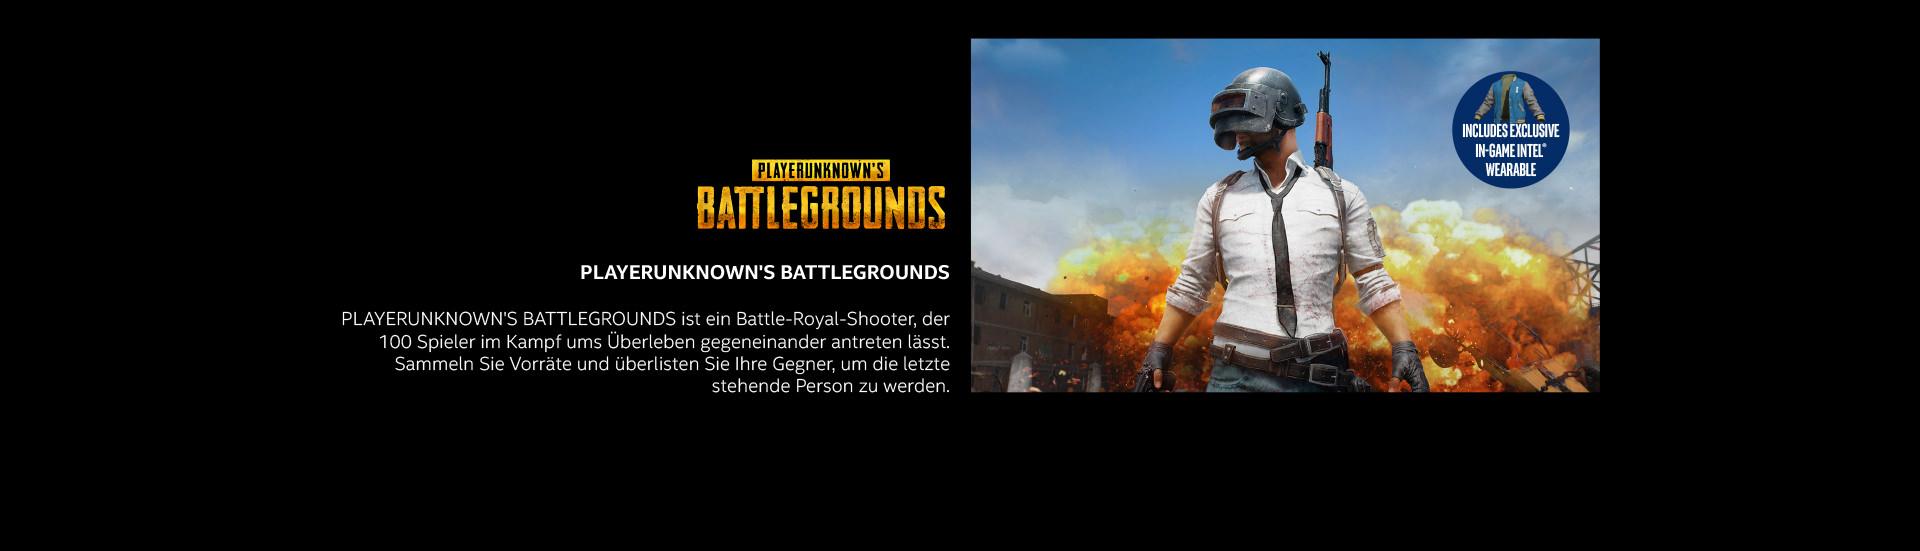 PUBG: Playerunknown's Battlegrounds